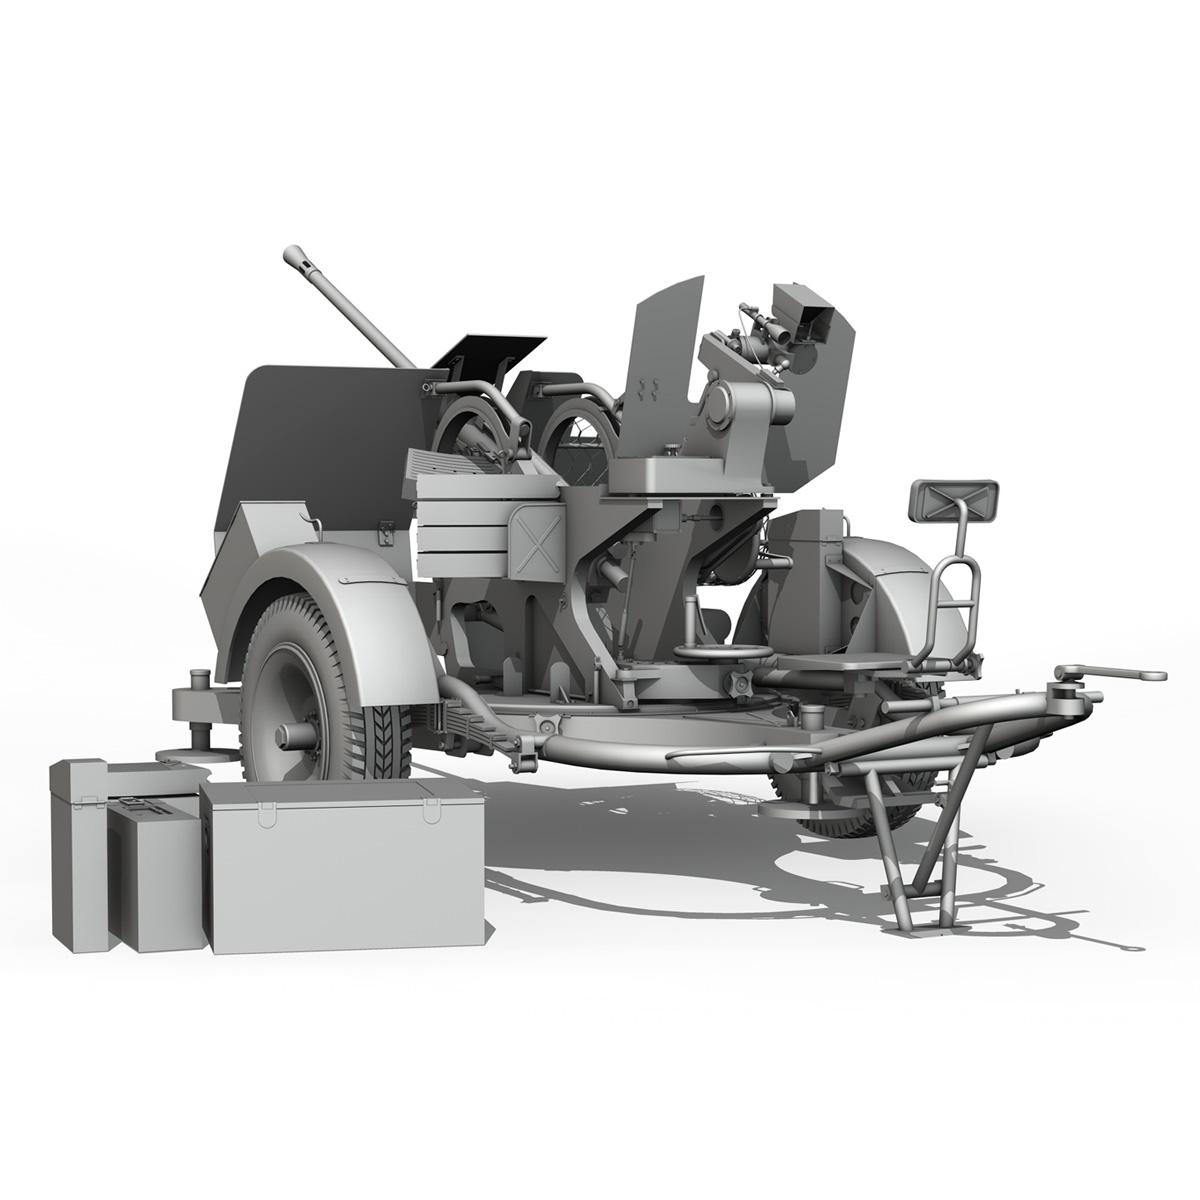 2cm flak 38 s sd.ah. 51 - prikolica 3d model 3d c4d fbx lwo lw lws obj 267212